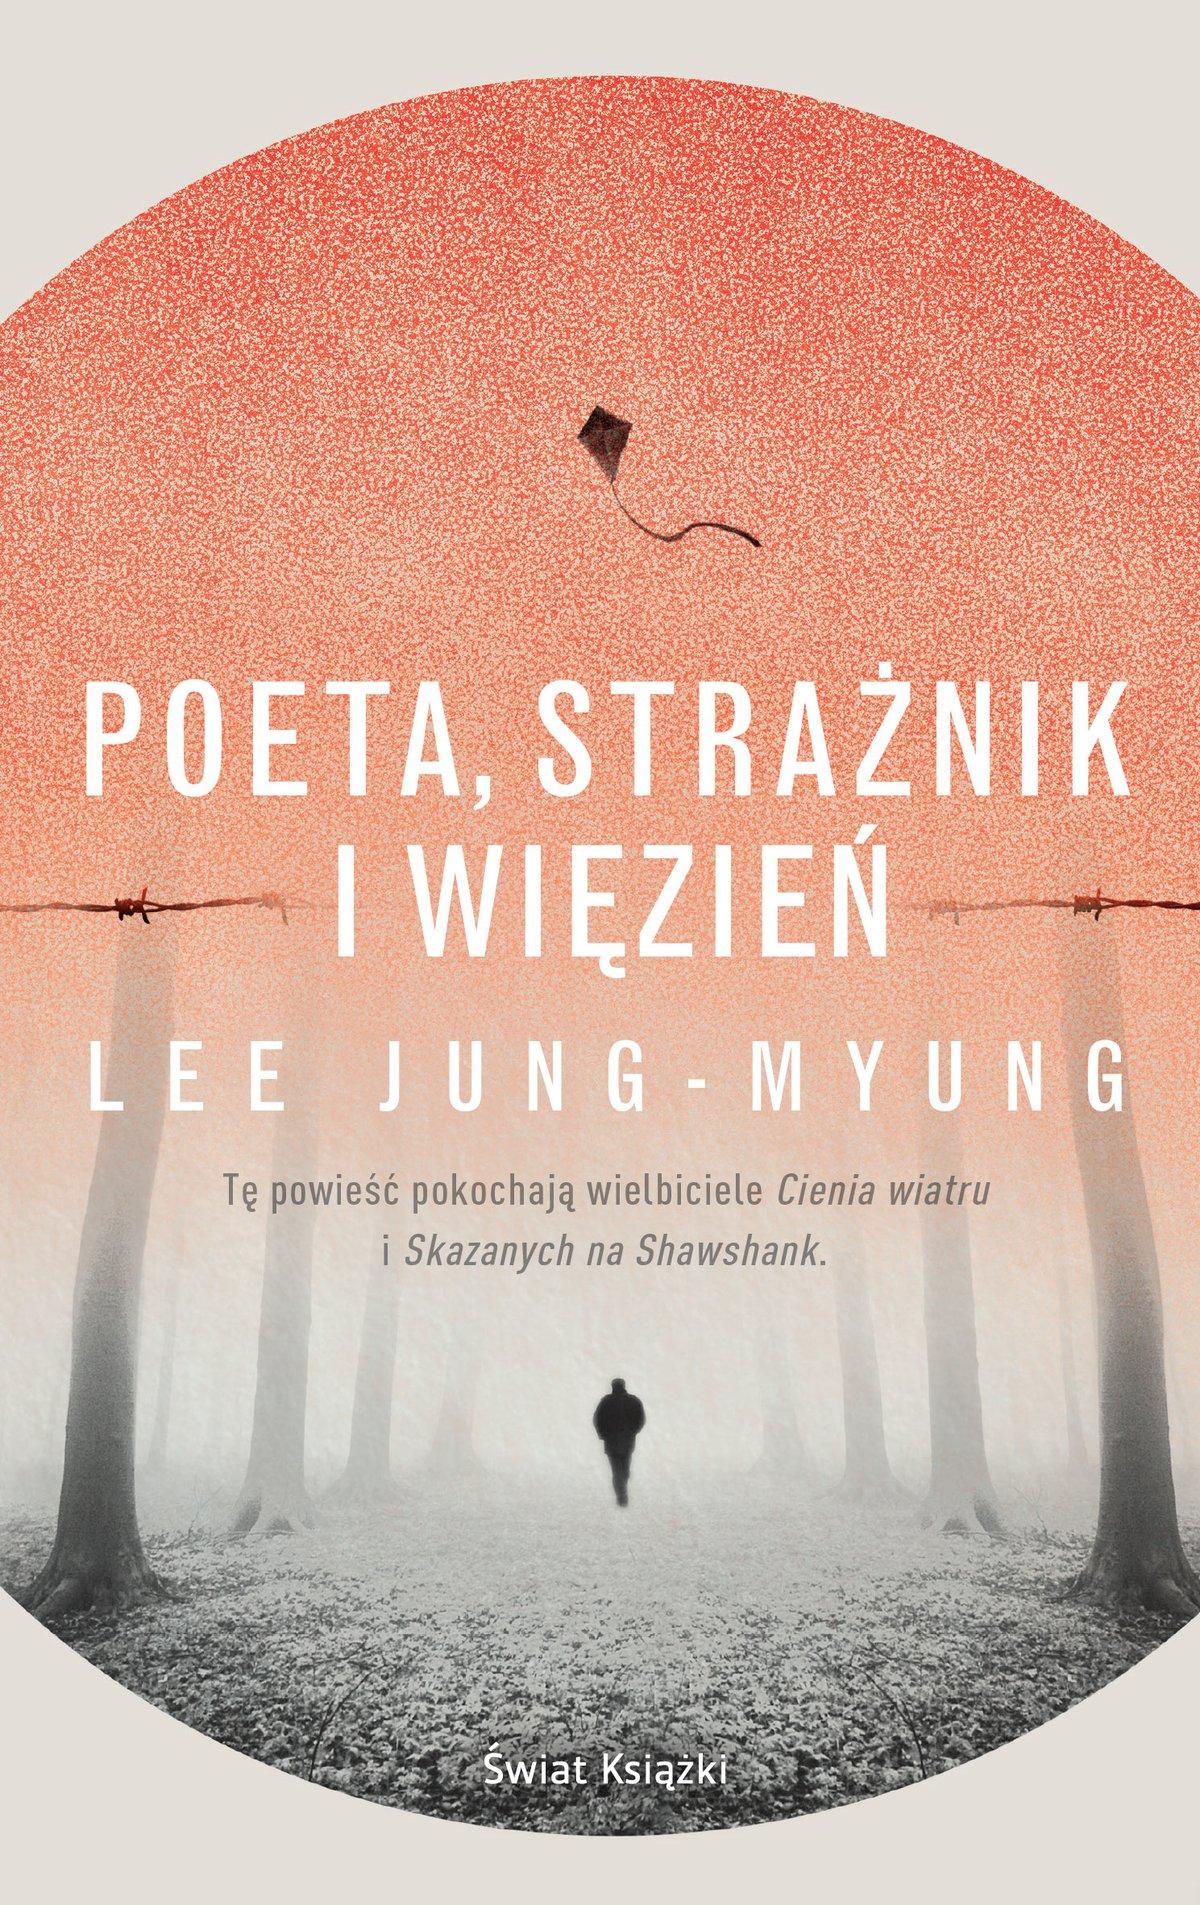 Poeta, strażnik i więzień - Ebook (Książka na Kindle) do pobrania w formacie MOBI